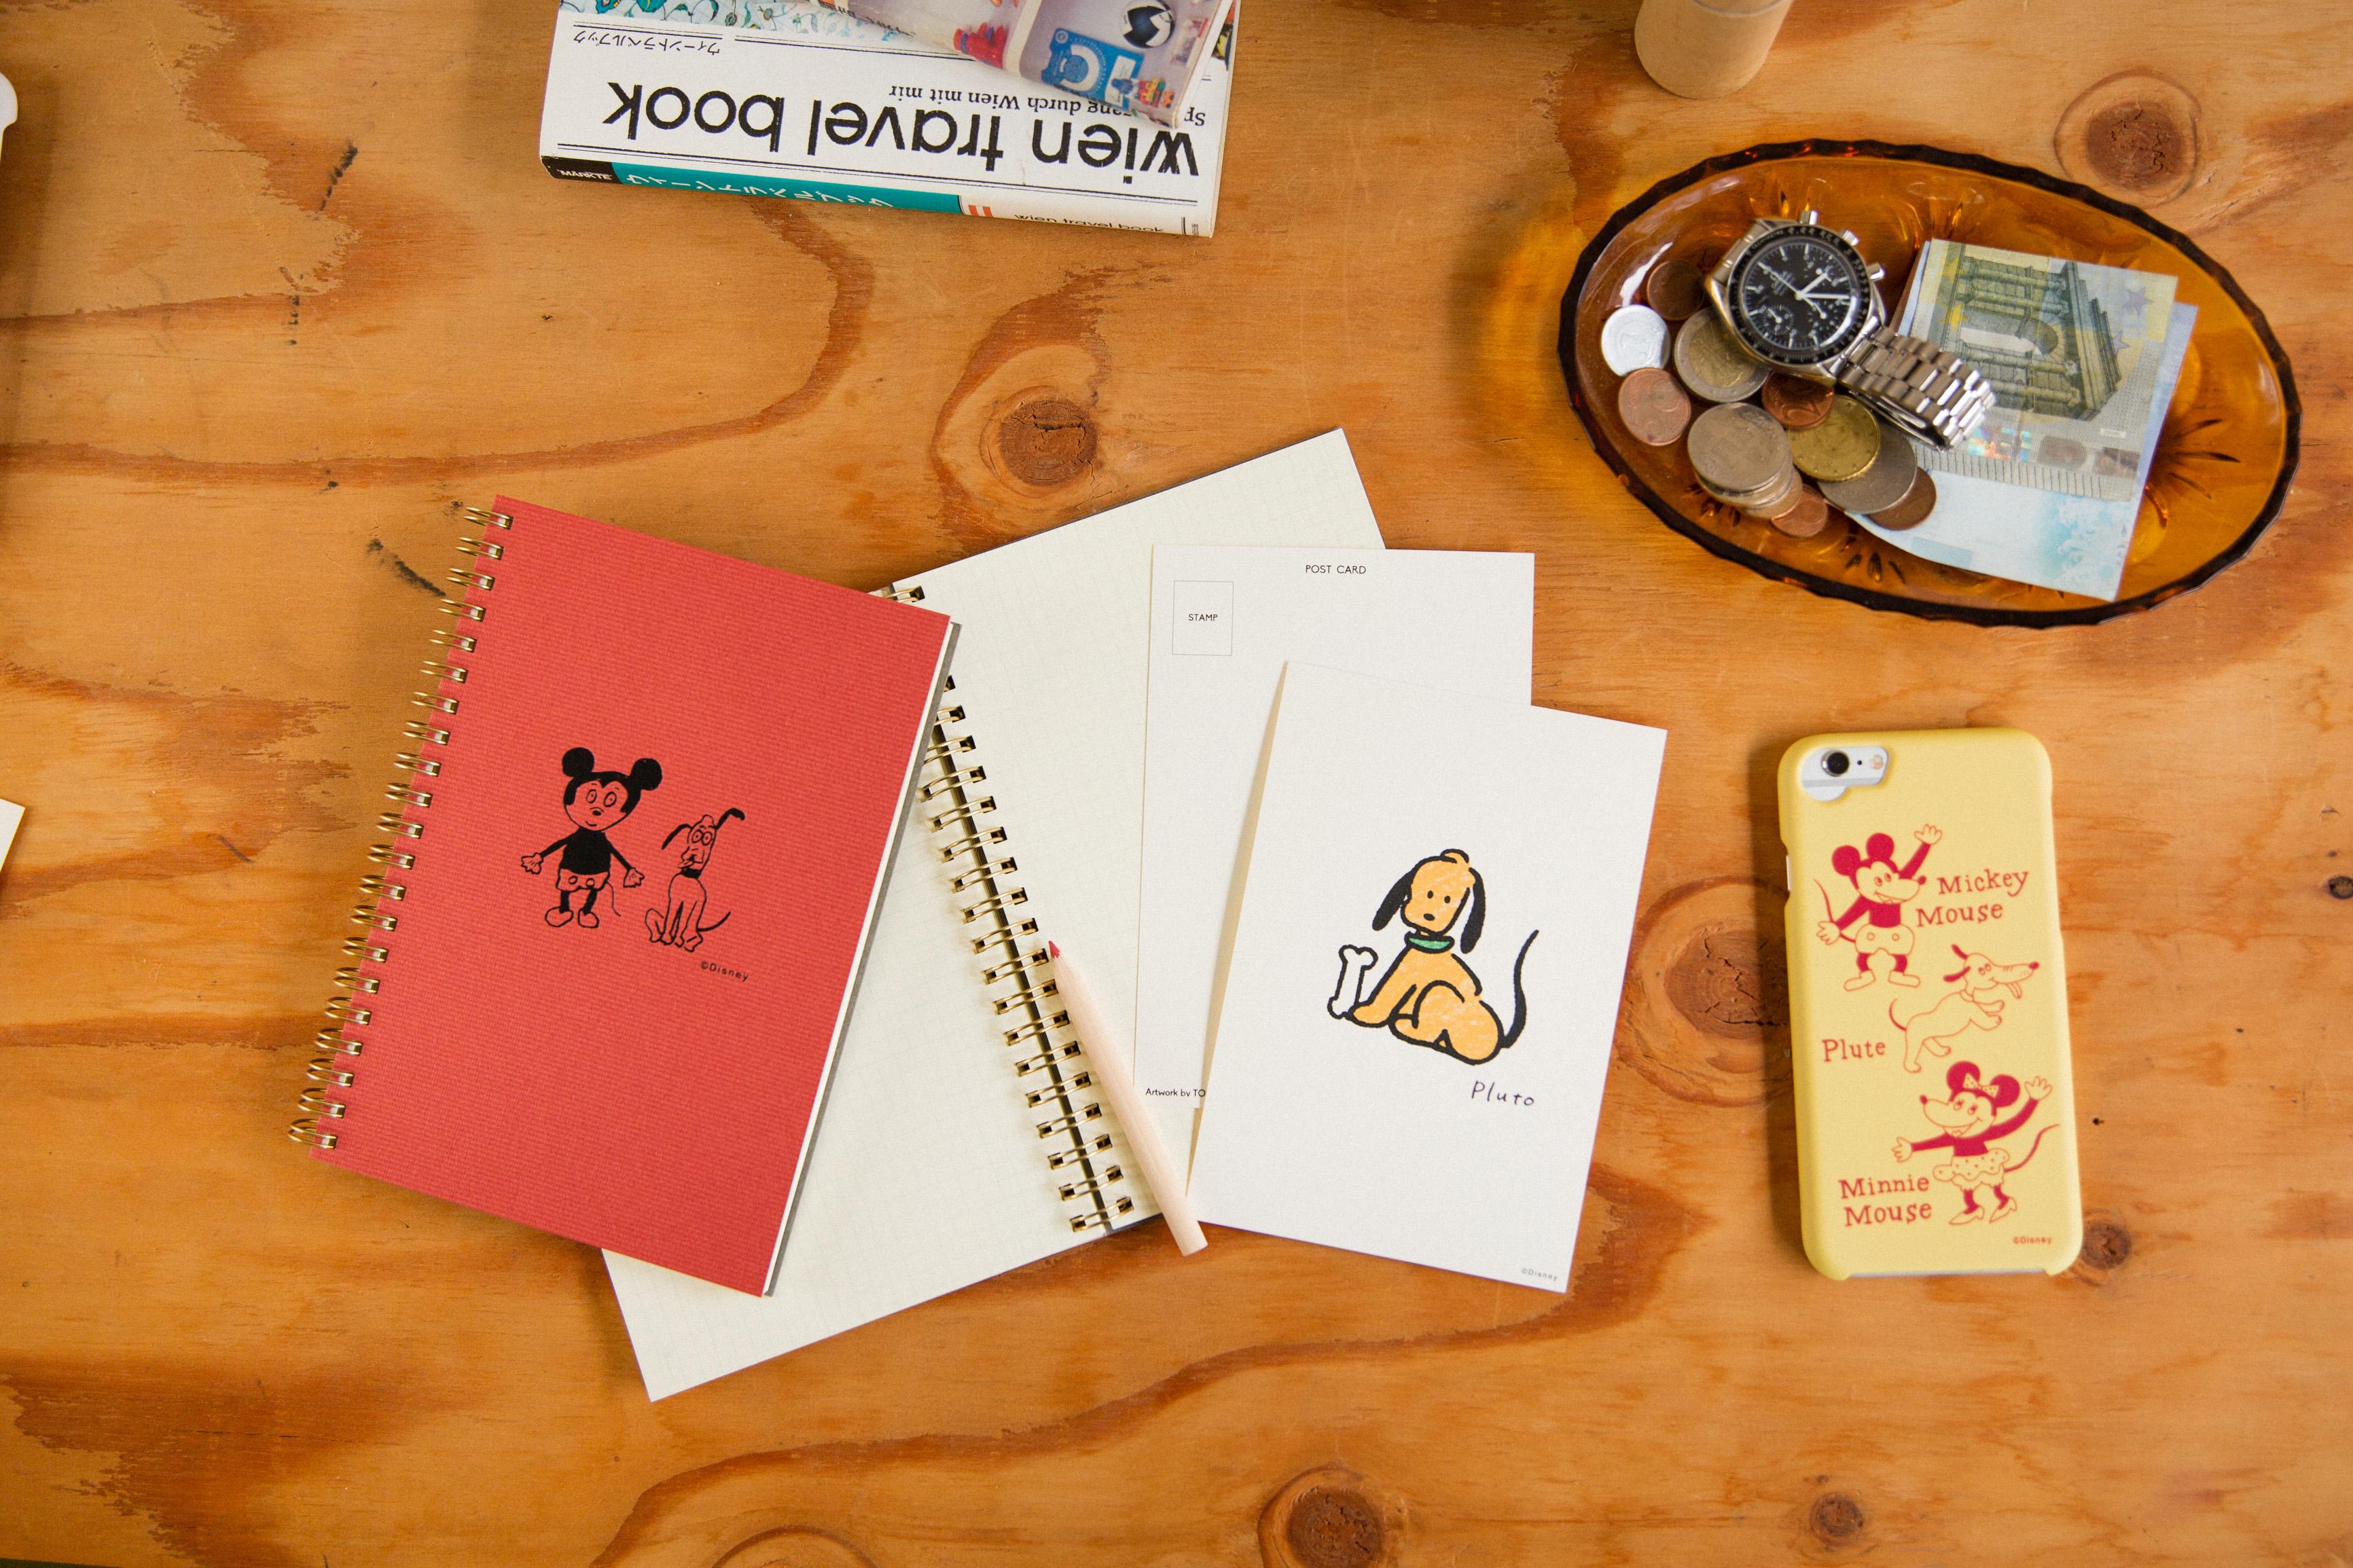 人気イラストレーター6名がディズニーキャラクターを描き下ろす「DISNEY ART COLLECTION」が始動。